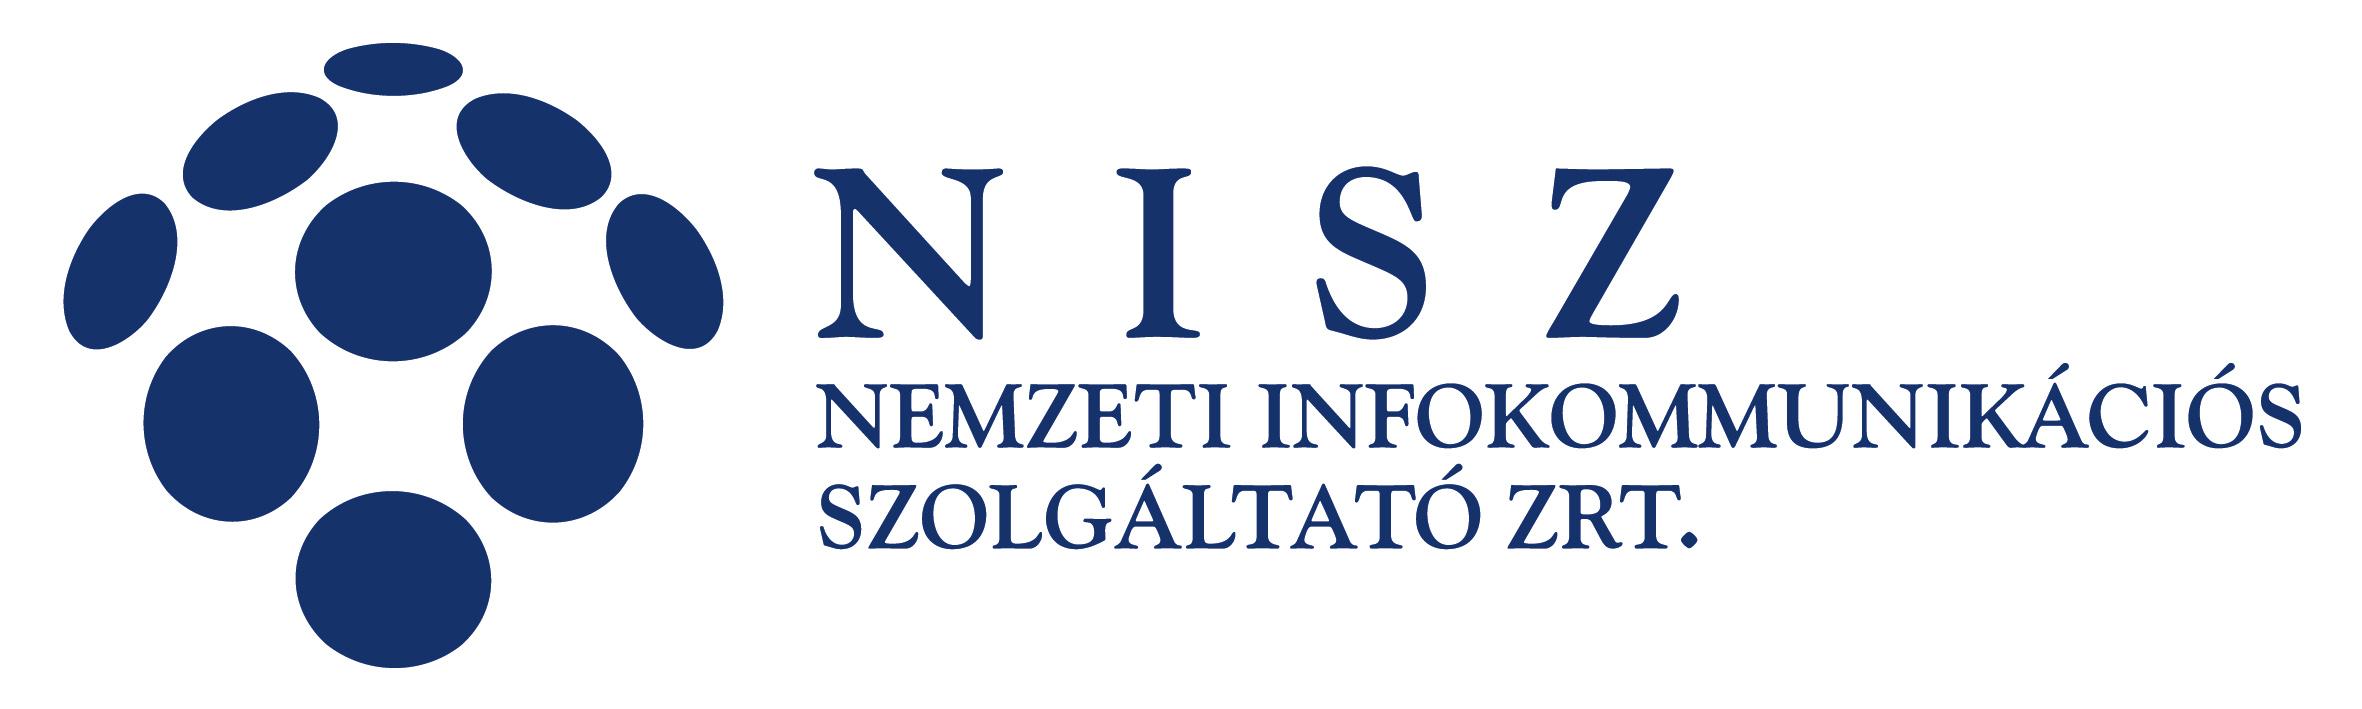 NISZ Nemzeti Infokommunikációs Szolgáltató Zrt.